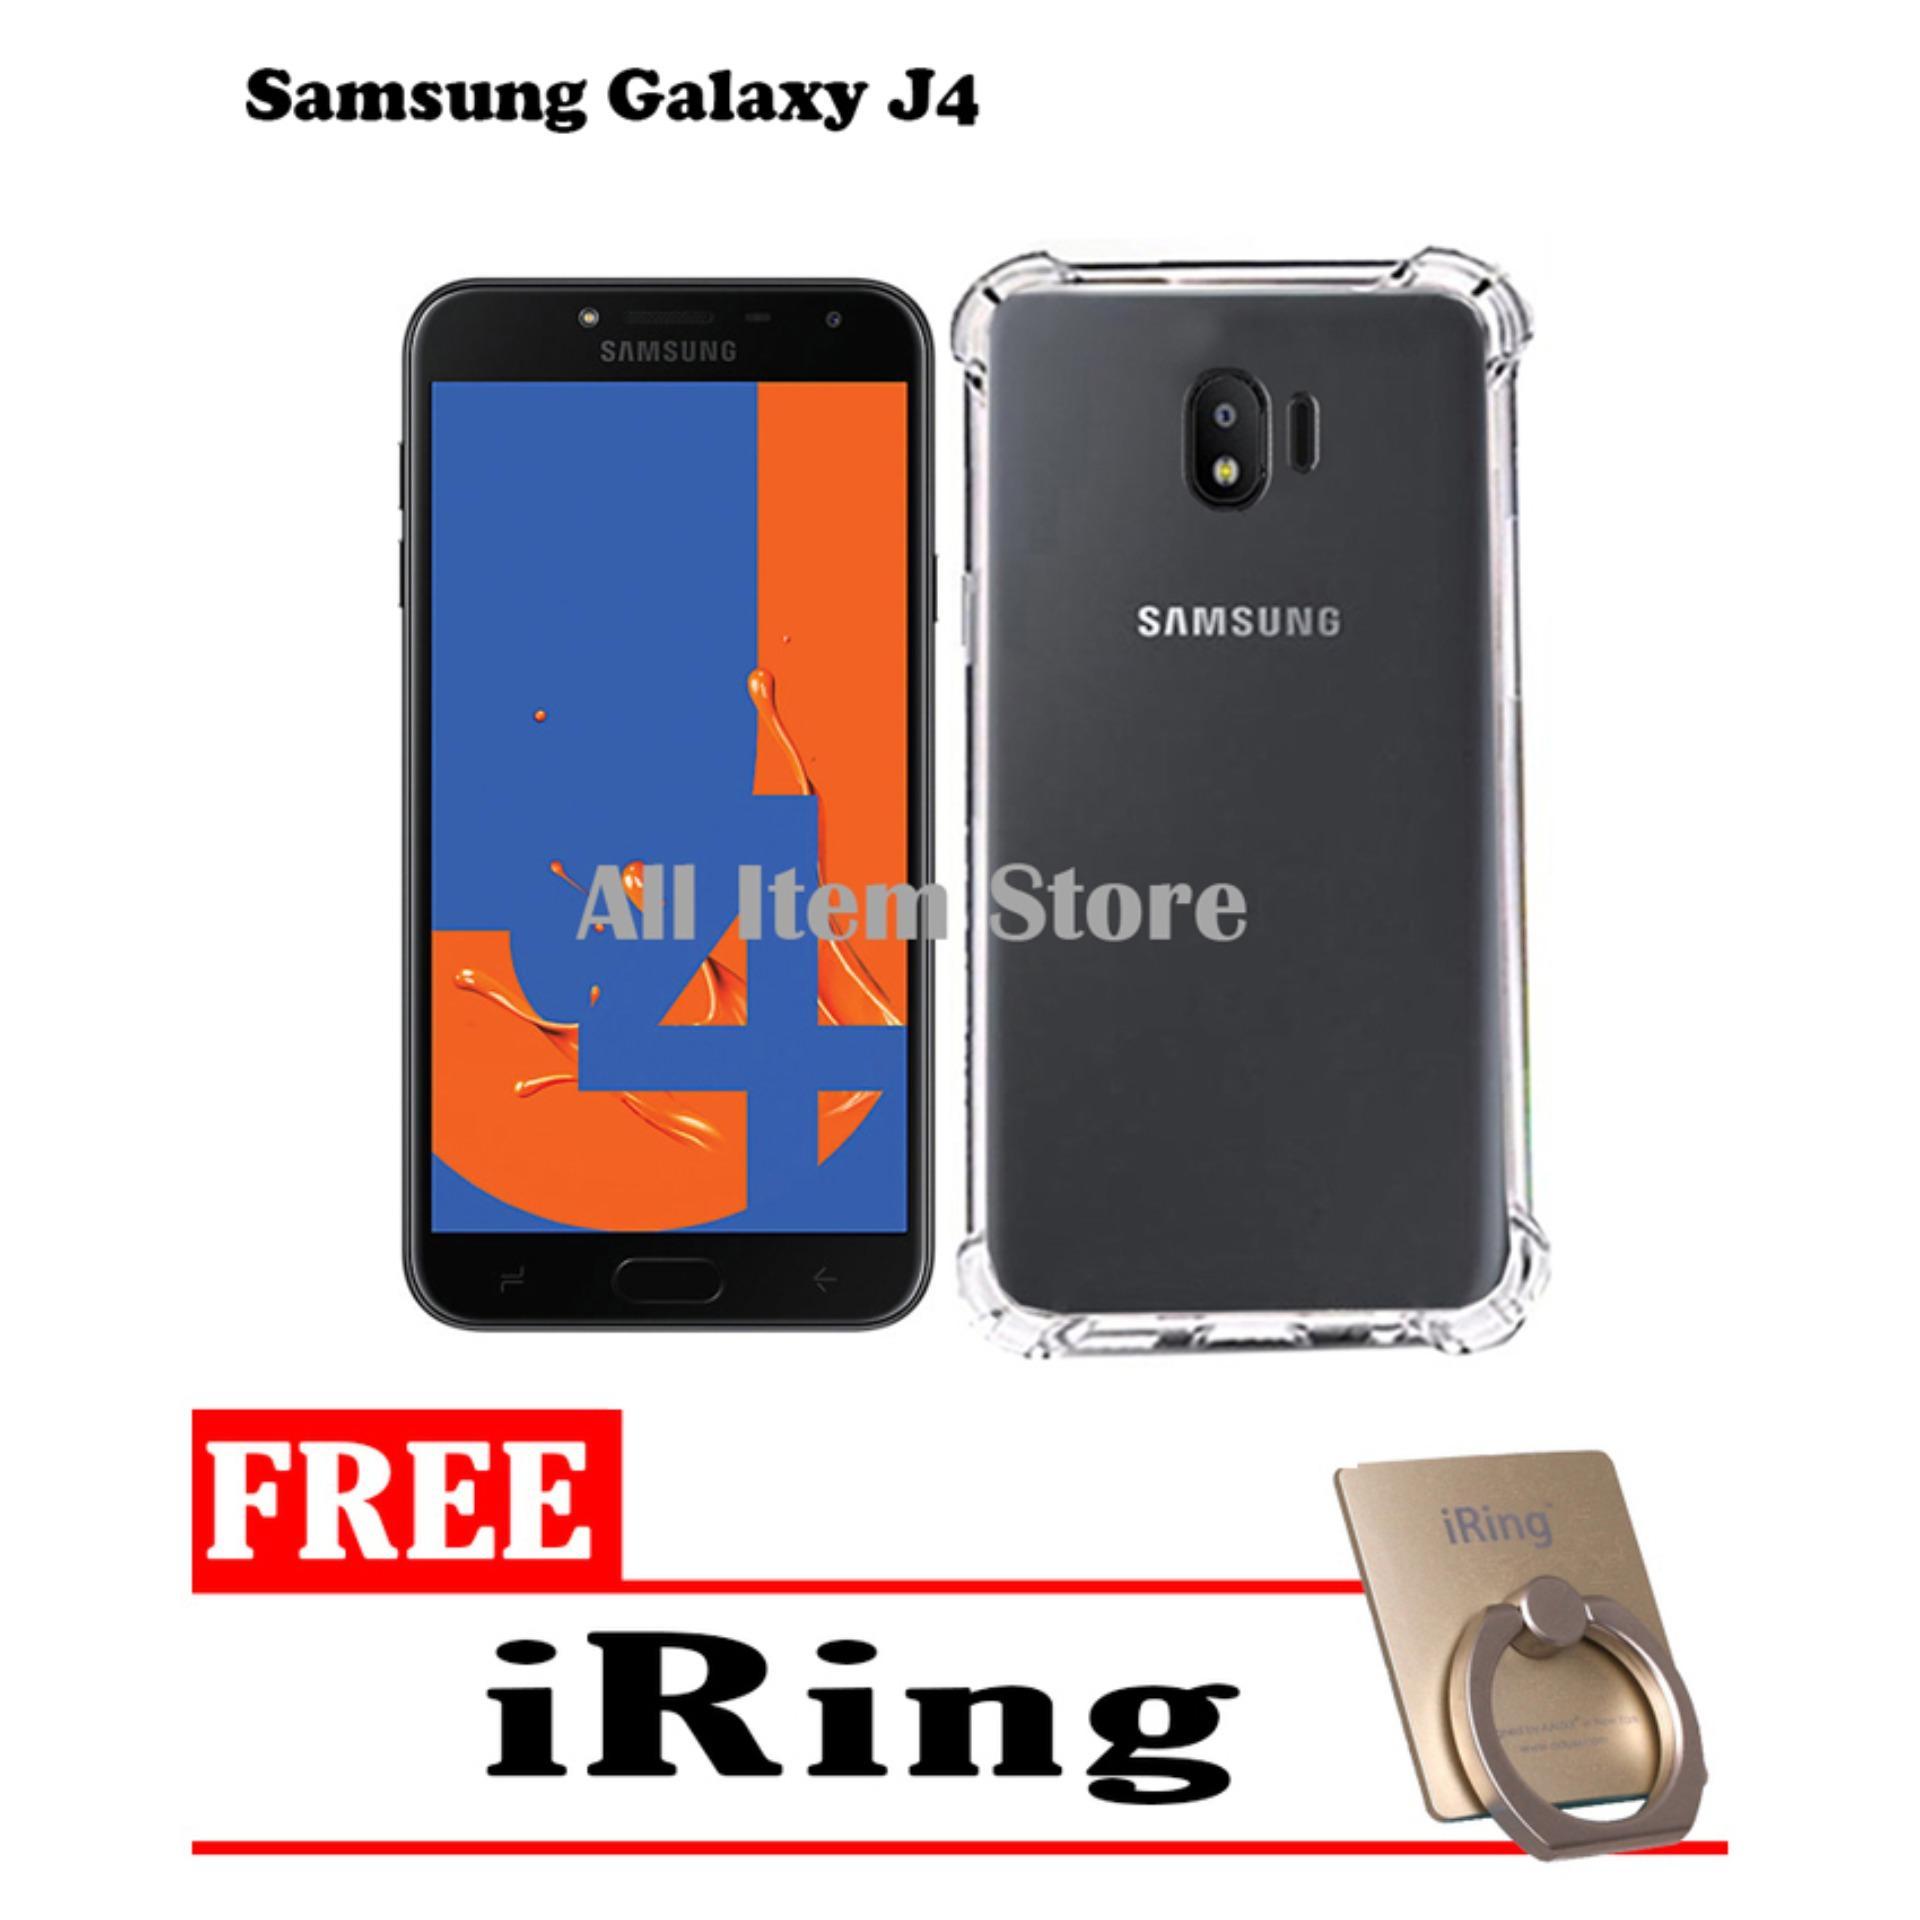 Case Anti Crack / Case Anti Shock Elegant Softcase For Samsung Galaxy J4 2018 - Bening + Free iRing